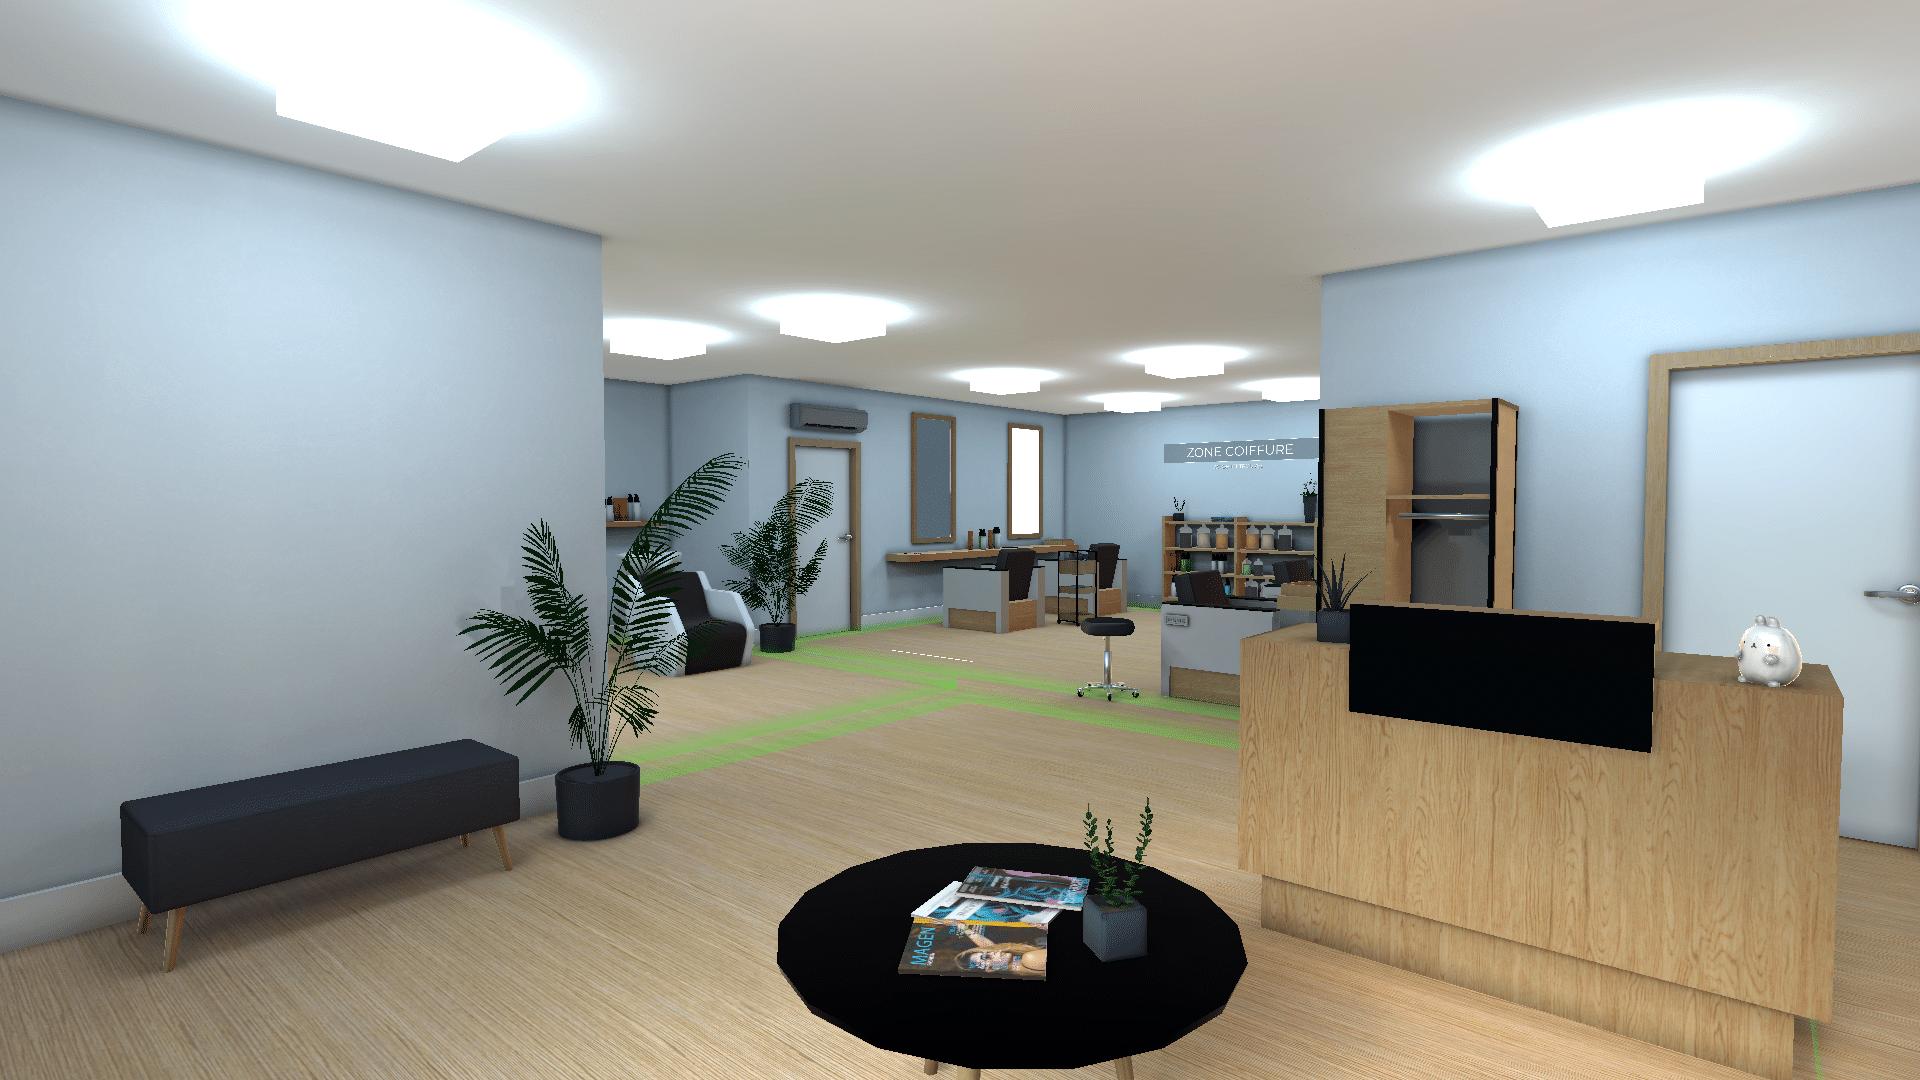 Réalité Virtuelle - L&B Synergie I Arkham Studio - agence de gamification